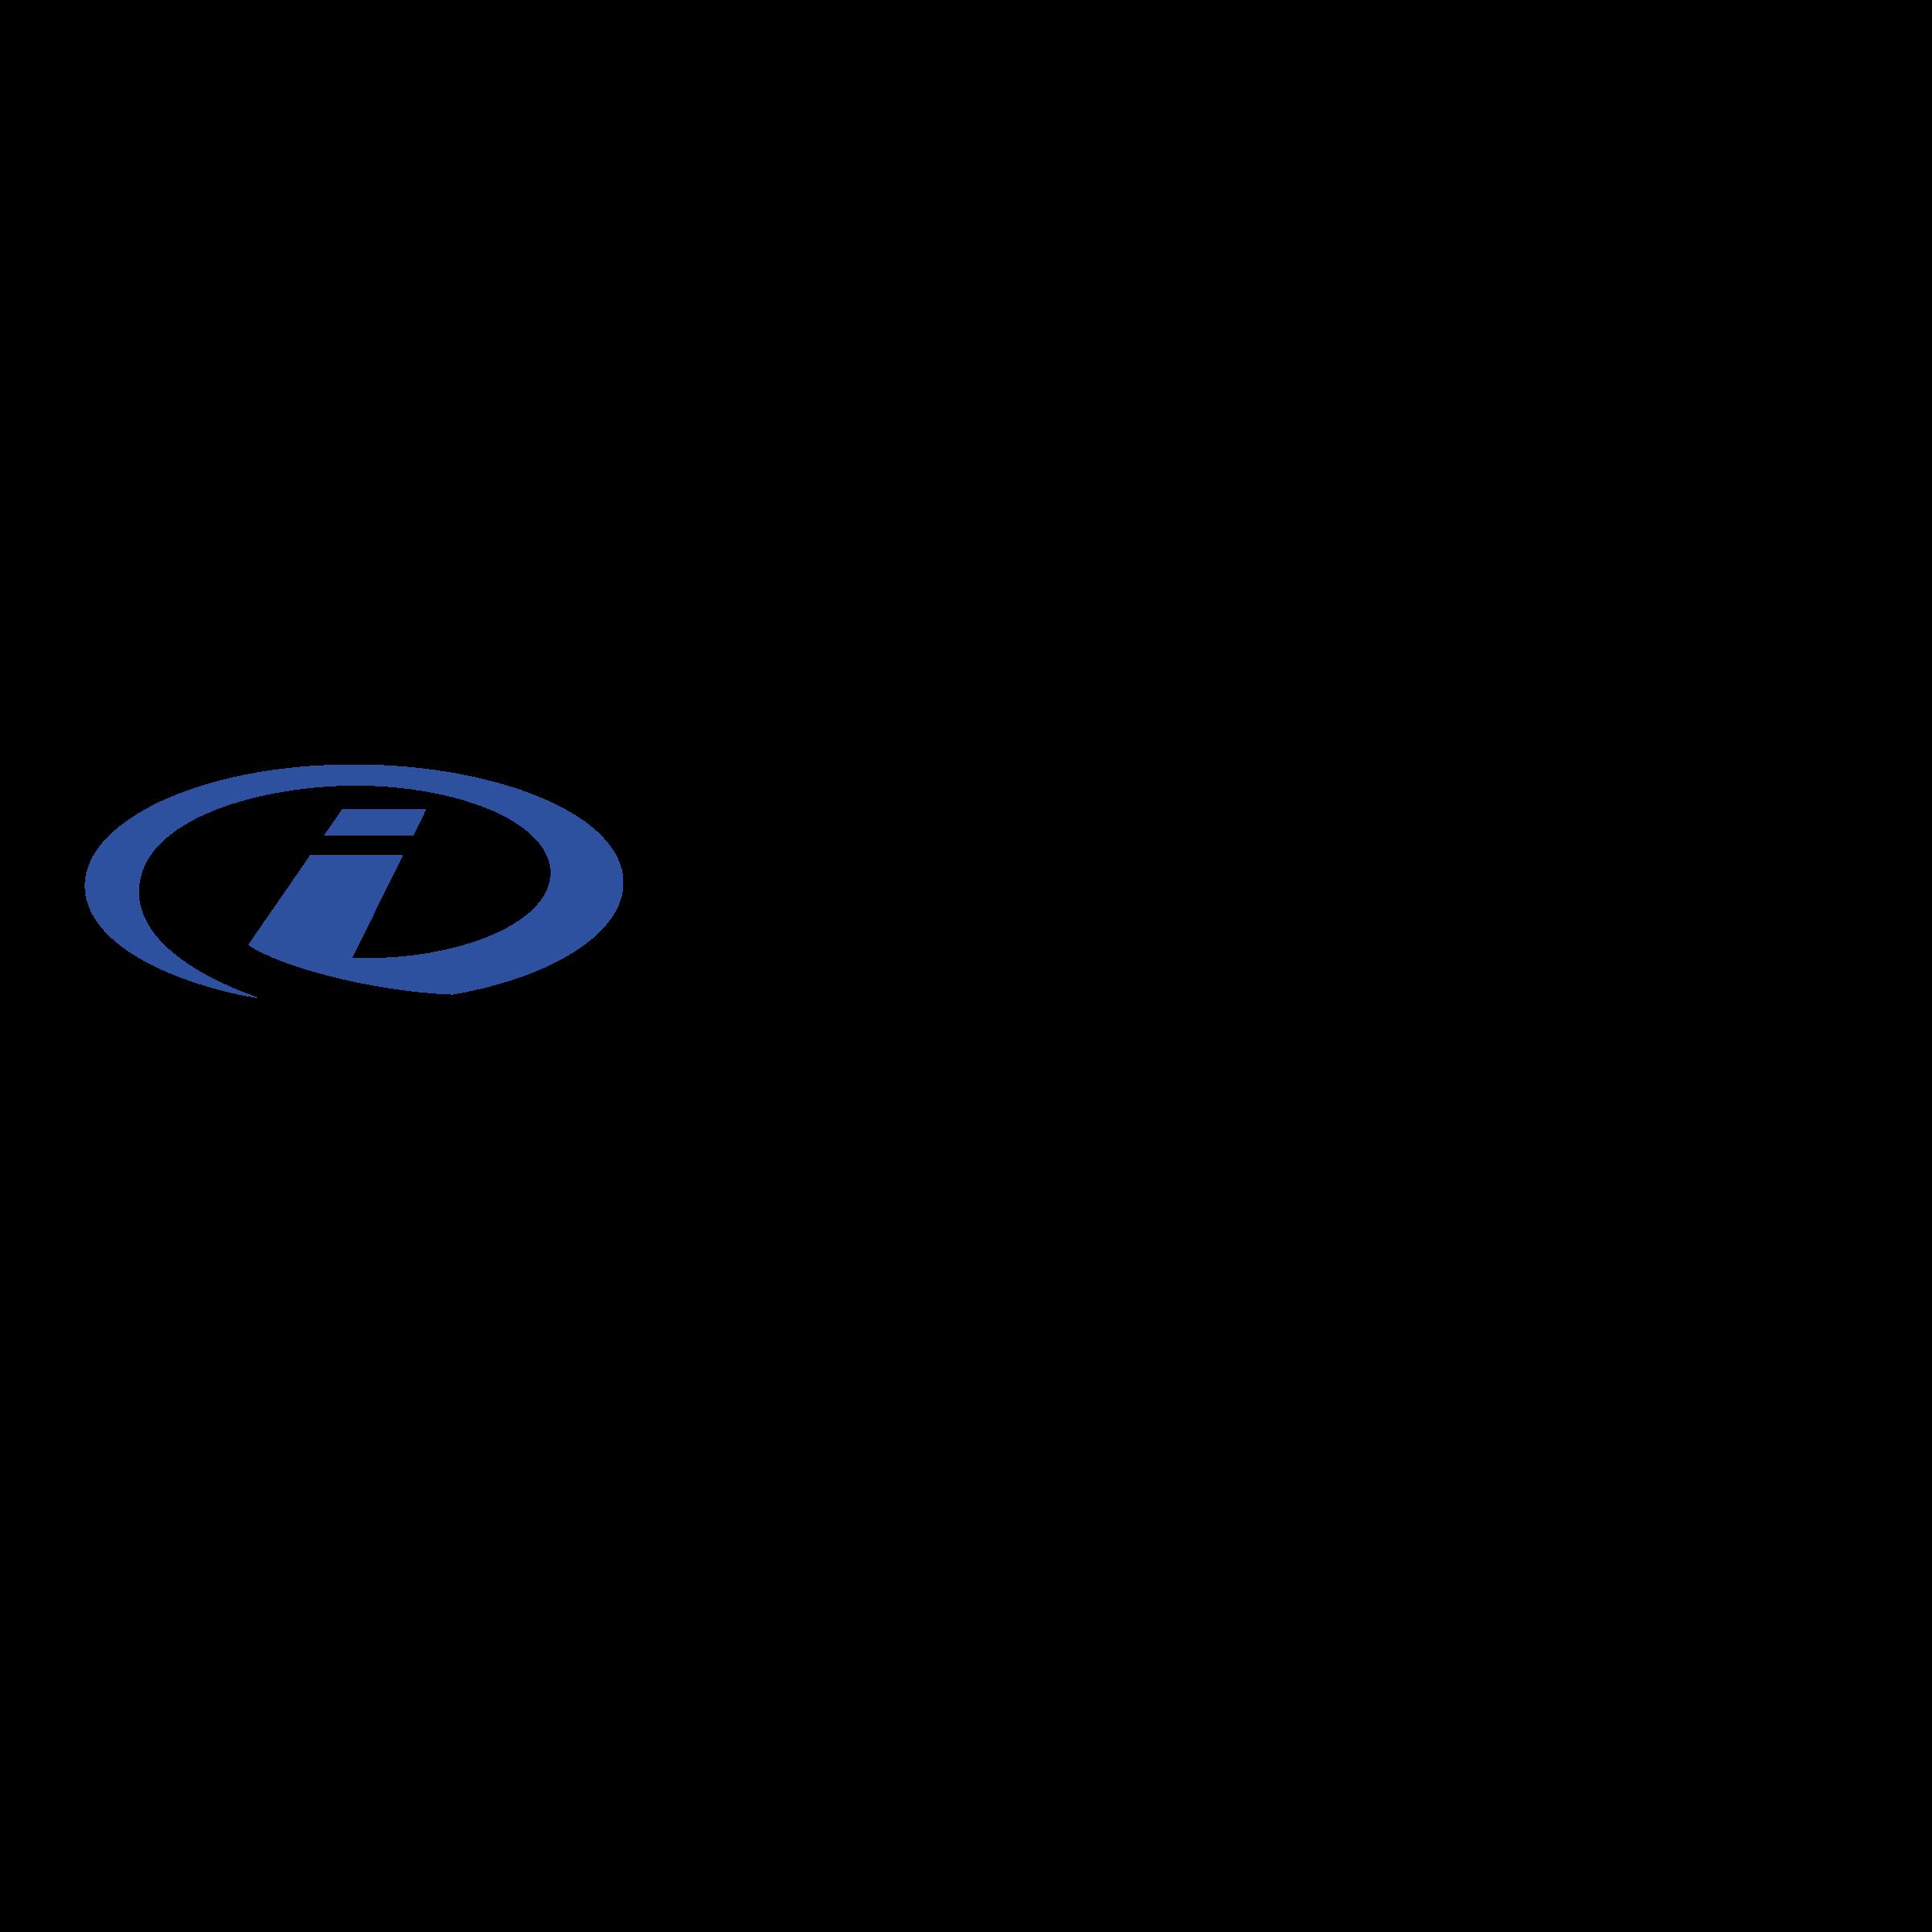 Information Advantage Logo PNG Transparent & SVG Vector.